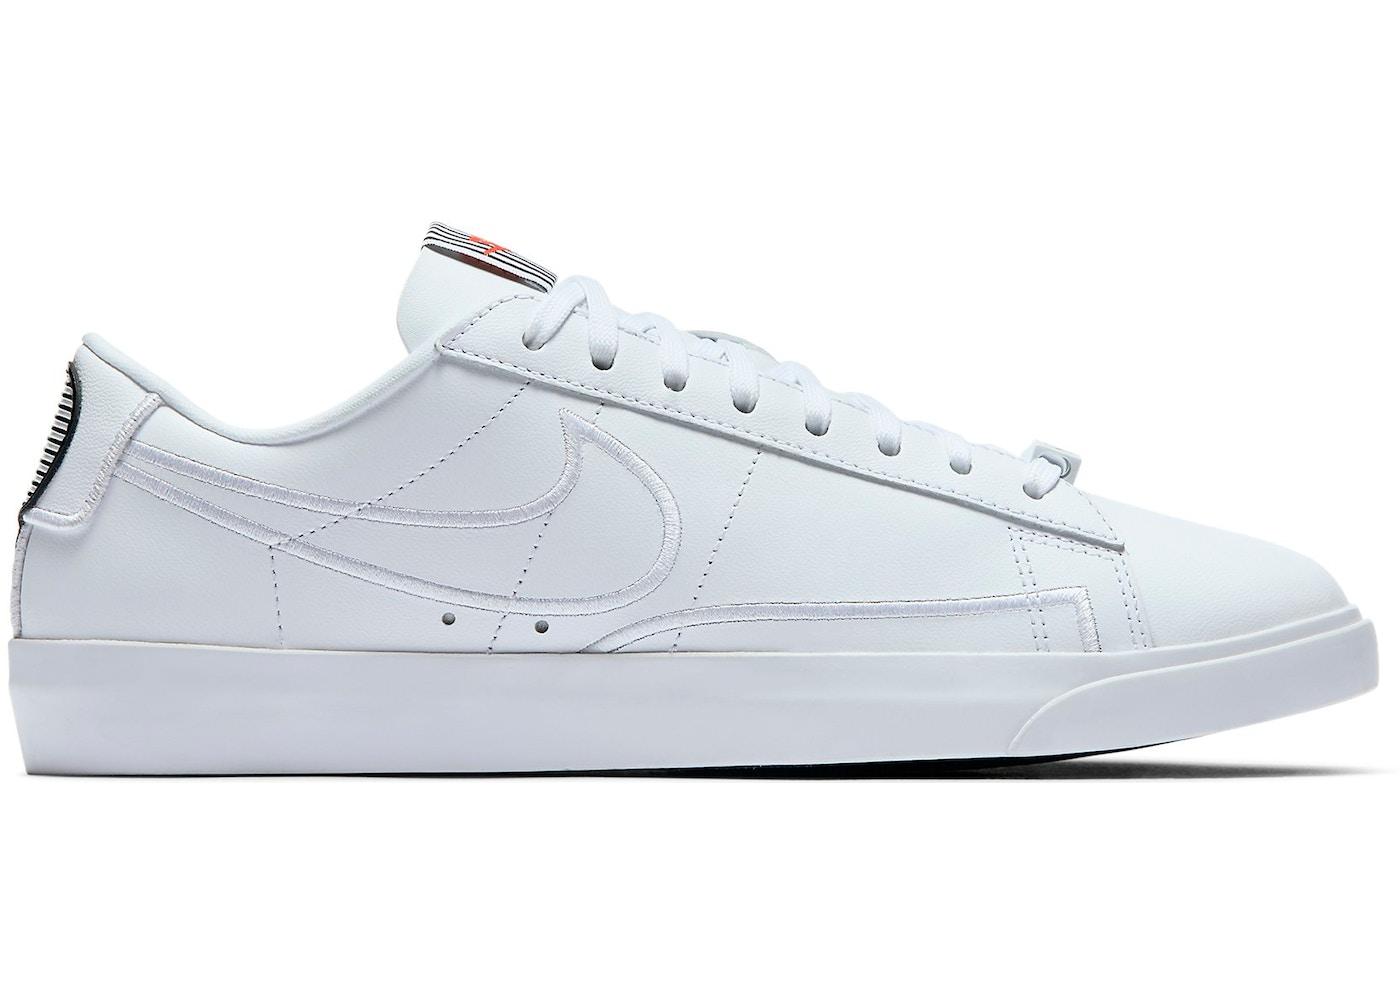 Nike Blazer Low LX Pale Ivory (AV9371-100)   Sneakers4u